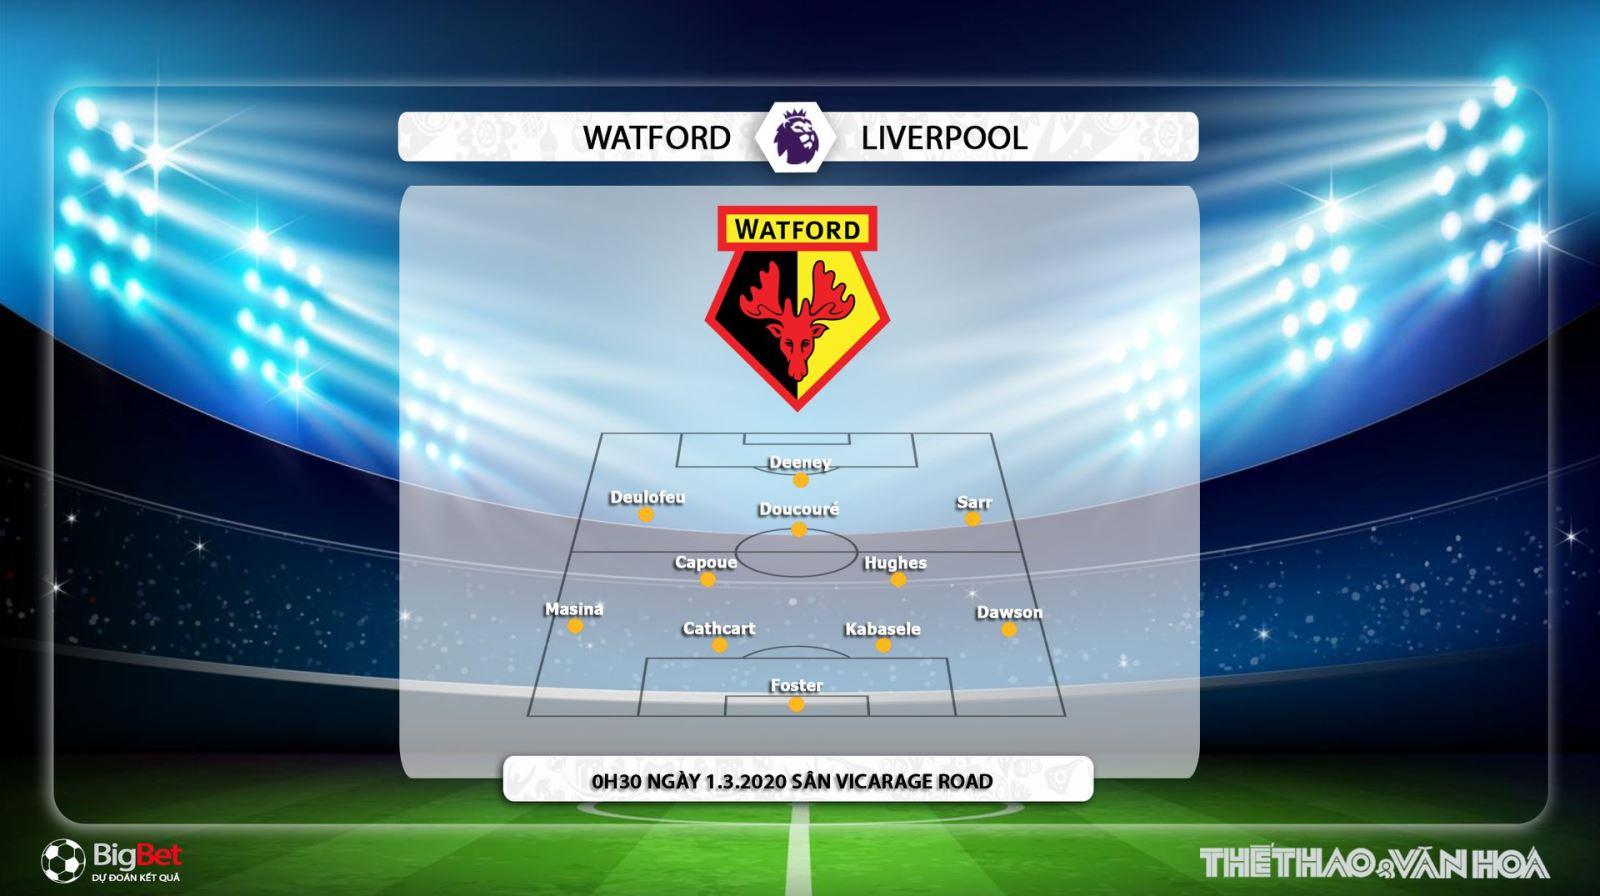 kèo nhà cái, keo nha cai, K+, K+PM truc tiep bong da hôm nay, kèo bóng đá, Watford vs Liverpool, Liverpool đấu với Watford, kèo Liverpool, lịch thi đấu Ngoại hạng Anh